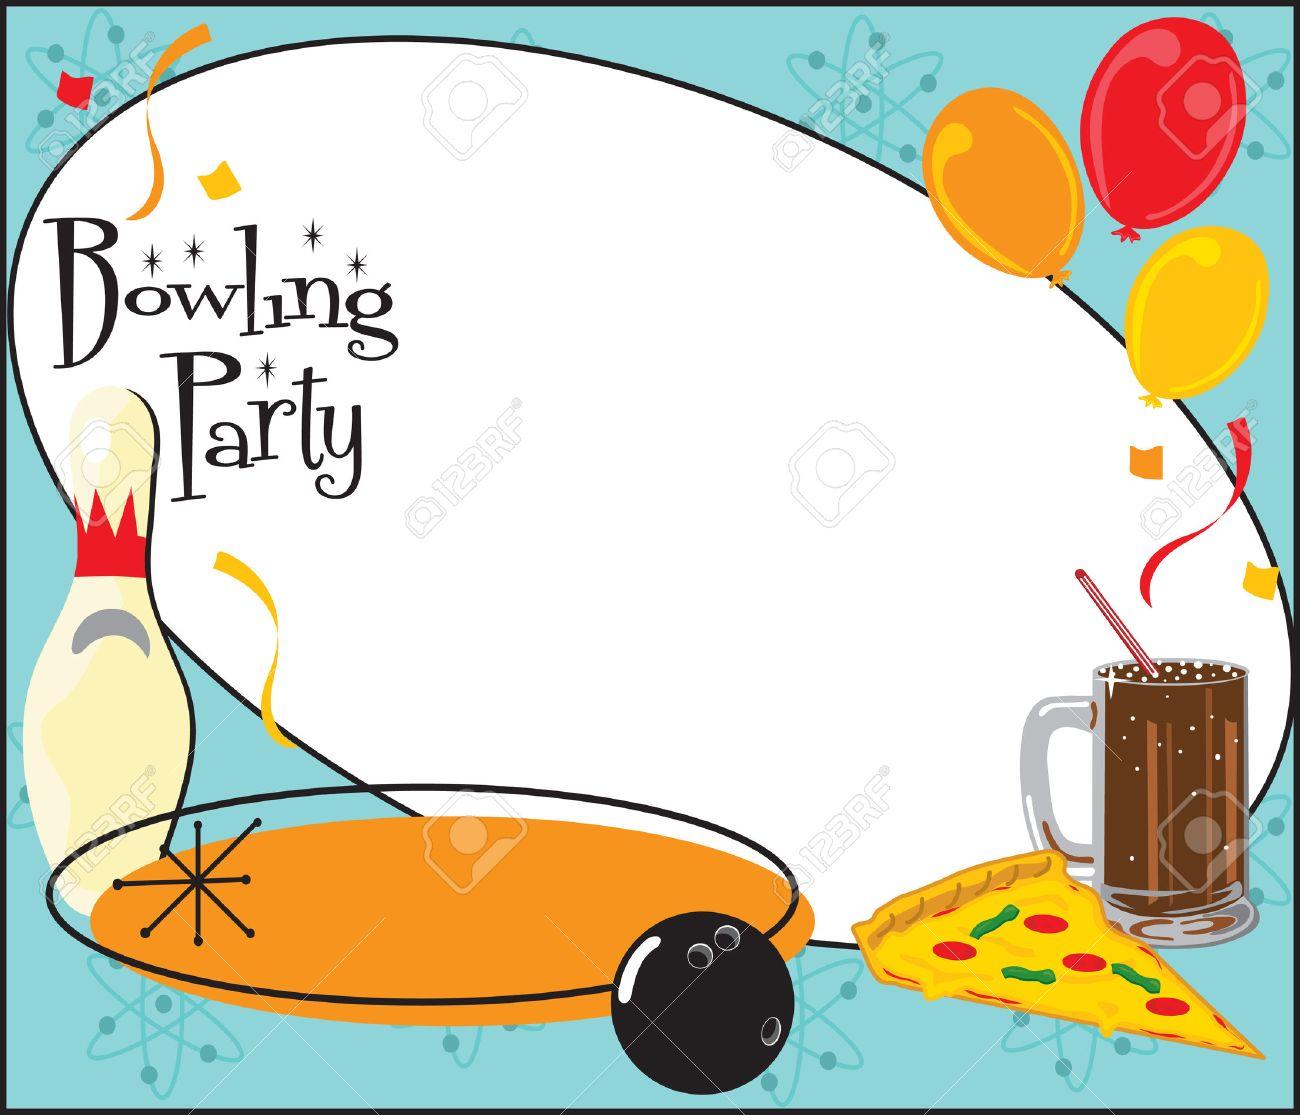 kinder oder erwachsenen bowling partei oder team einladung zur, Einladung